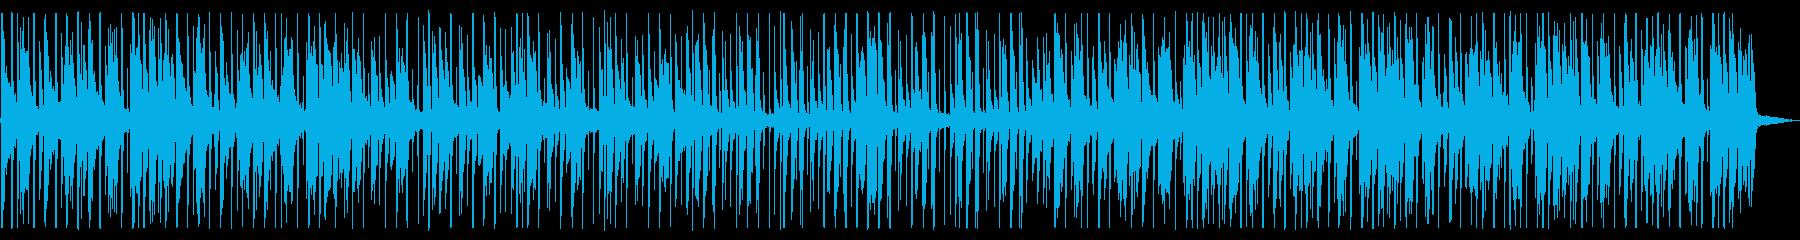 都会/ヒップホップ_No453_2の再生済みの波形